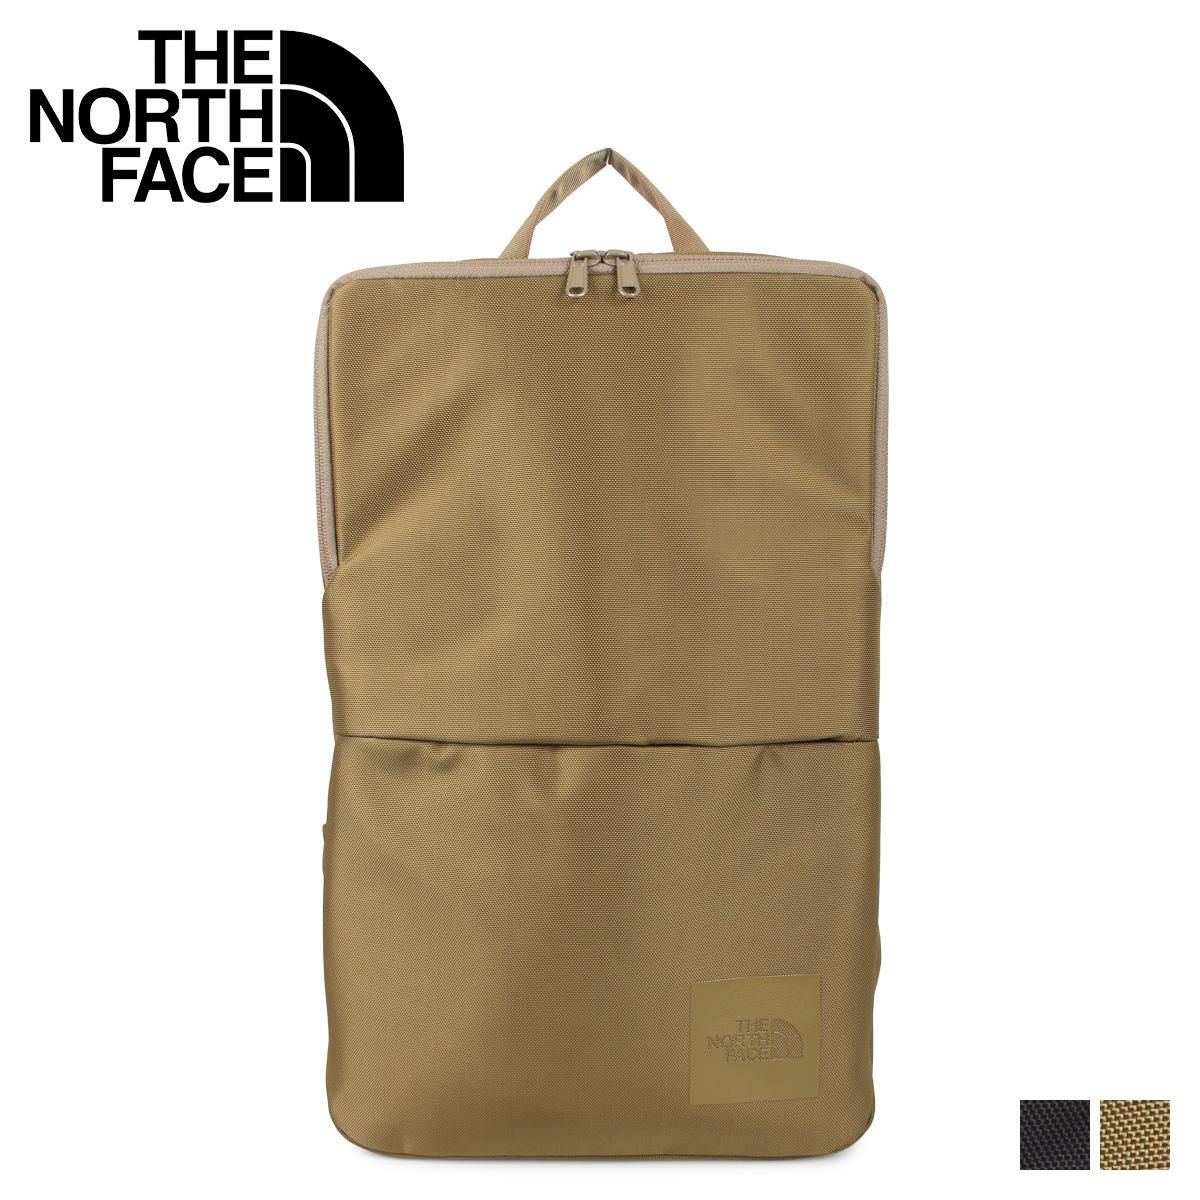 ノースフェイス THE NORTH FACE リュック バッグ バックパック シャトル デイパック メンズ レディース 18L SHUTTLE DAYPACK SLIM ブラック オリーブ 黒 NM81603